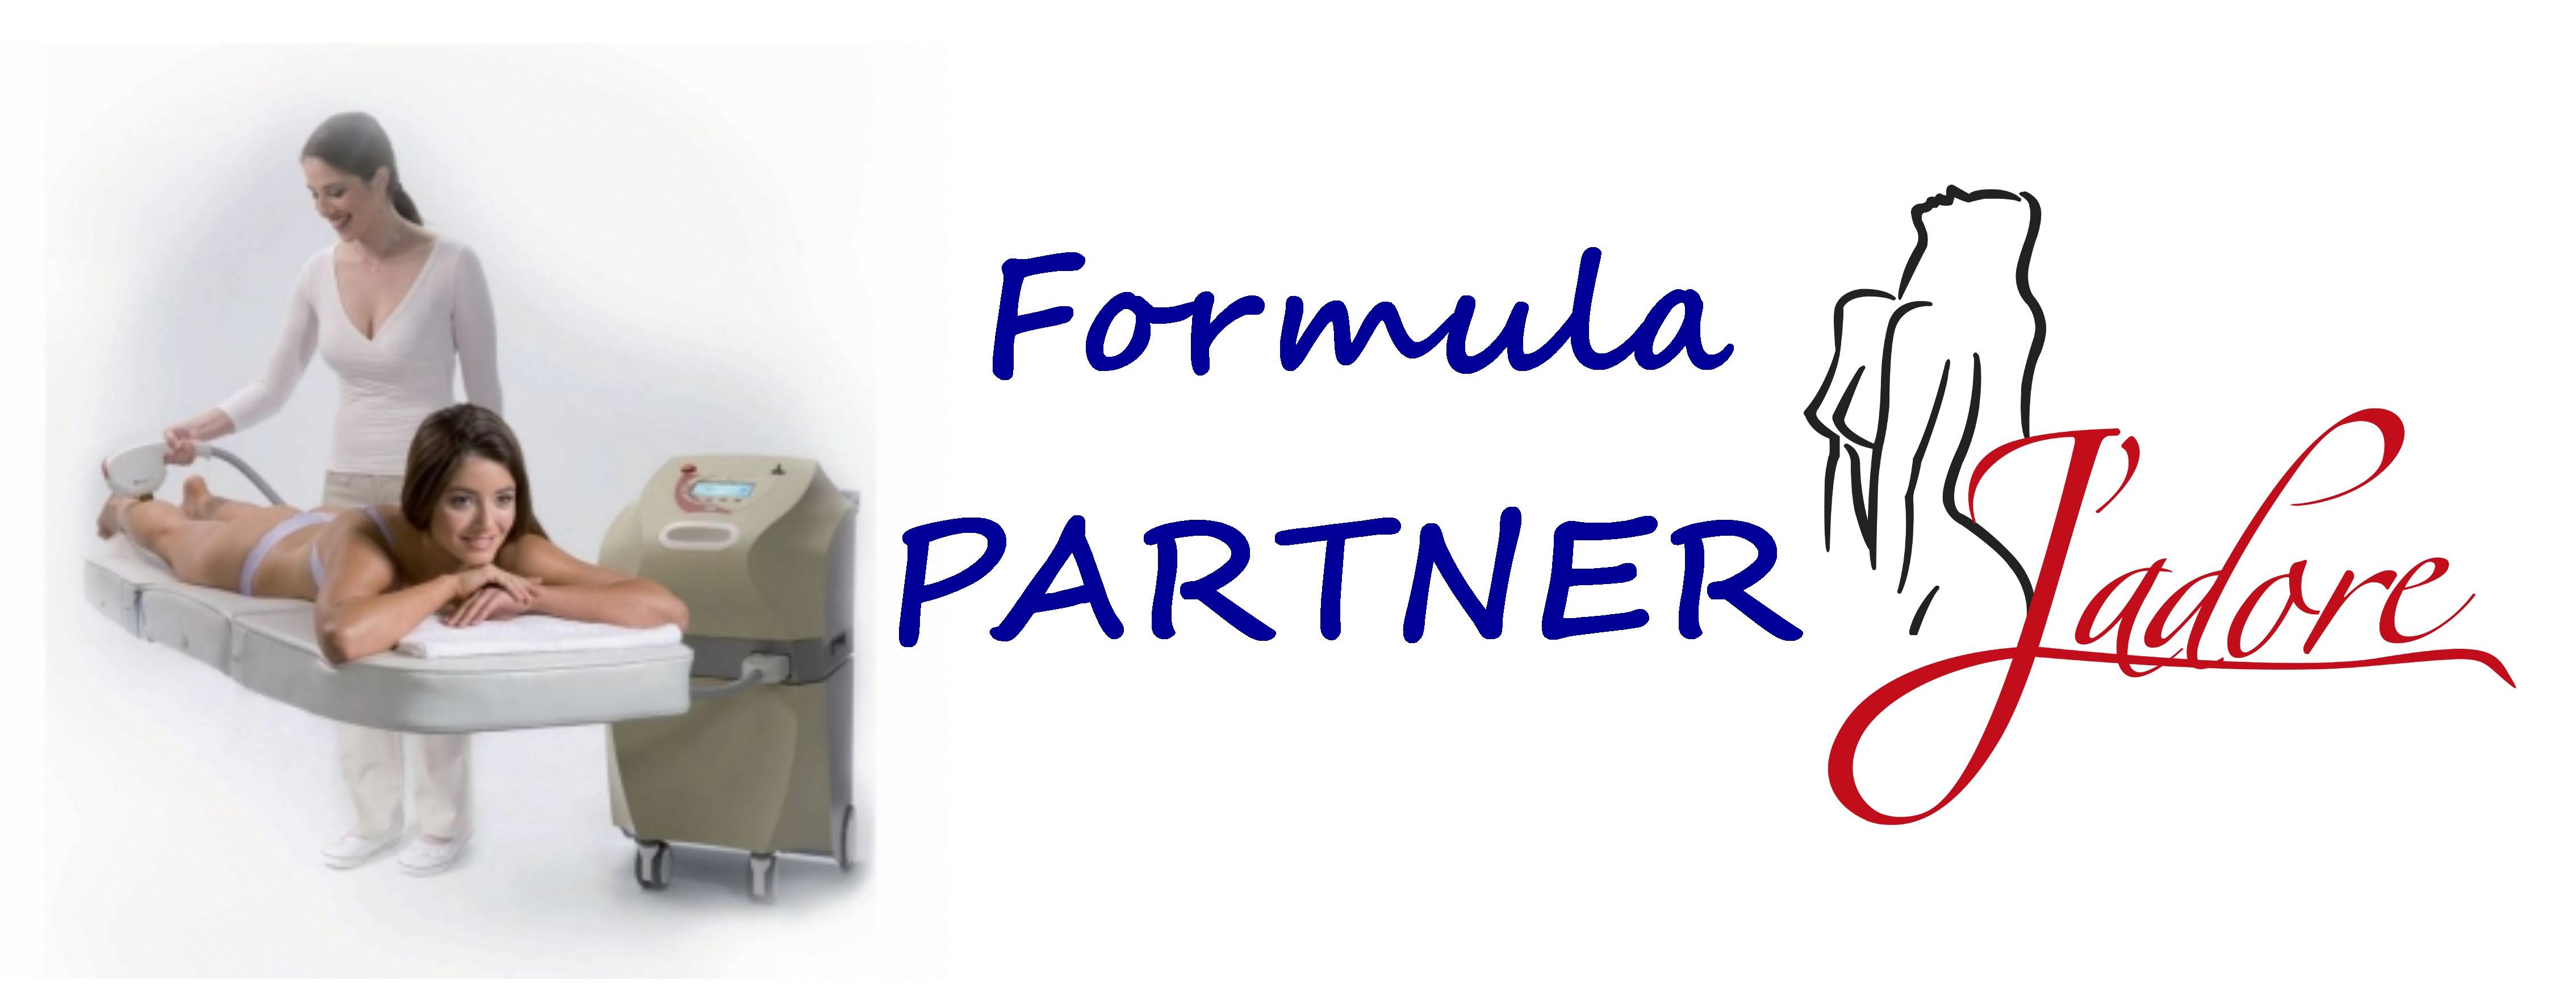 formula-partner-apparecchiature-estetiche